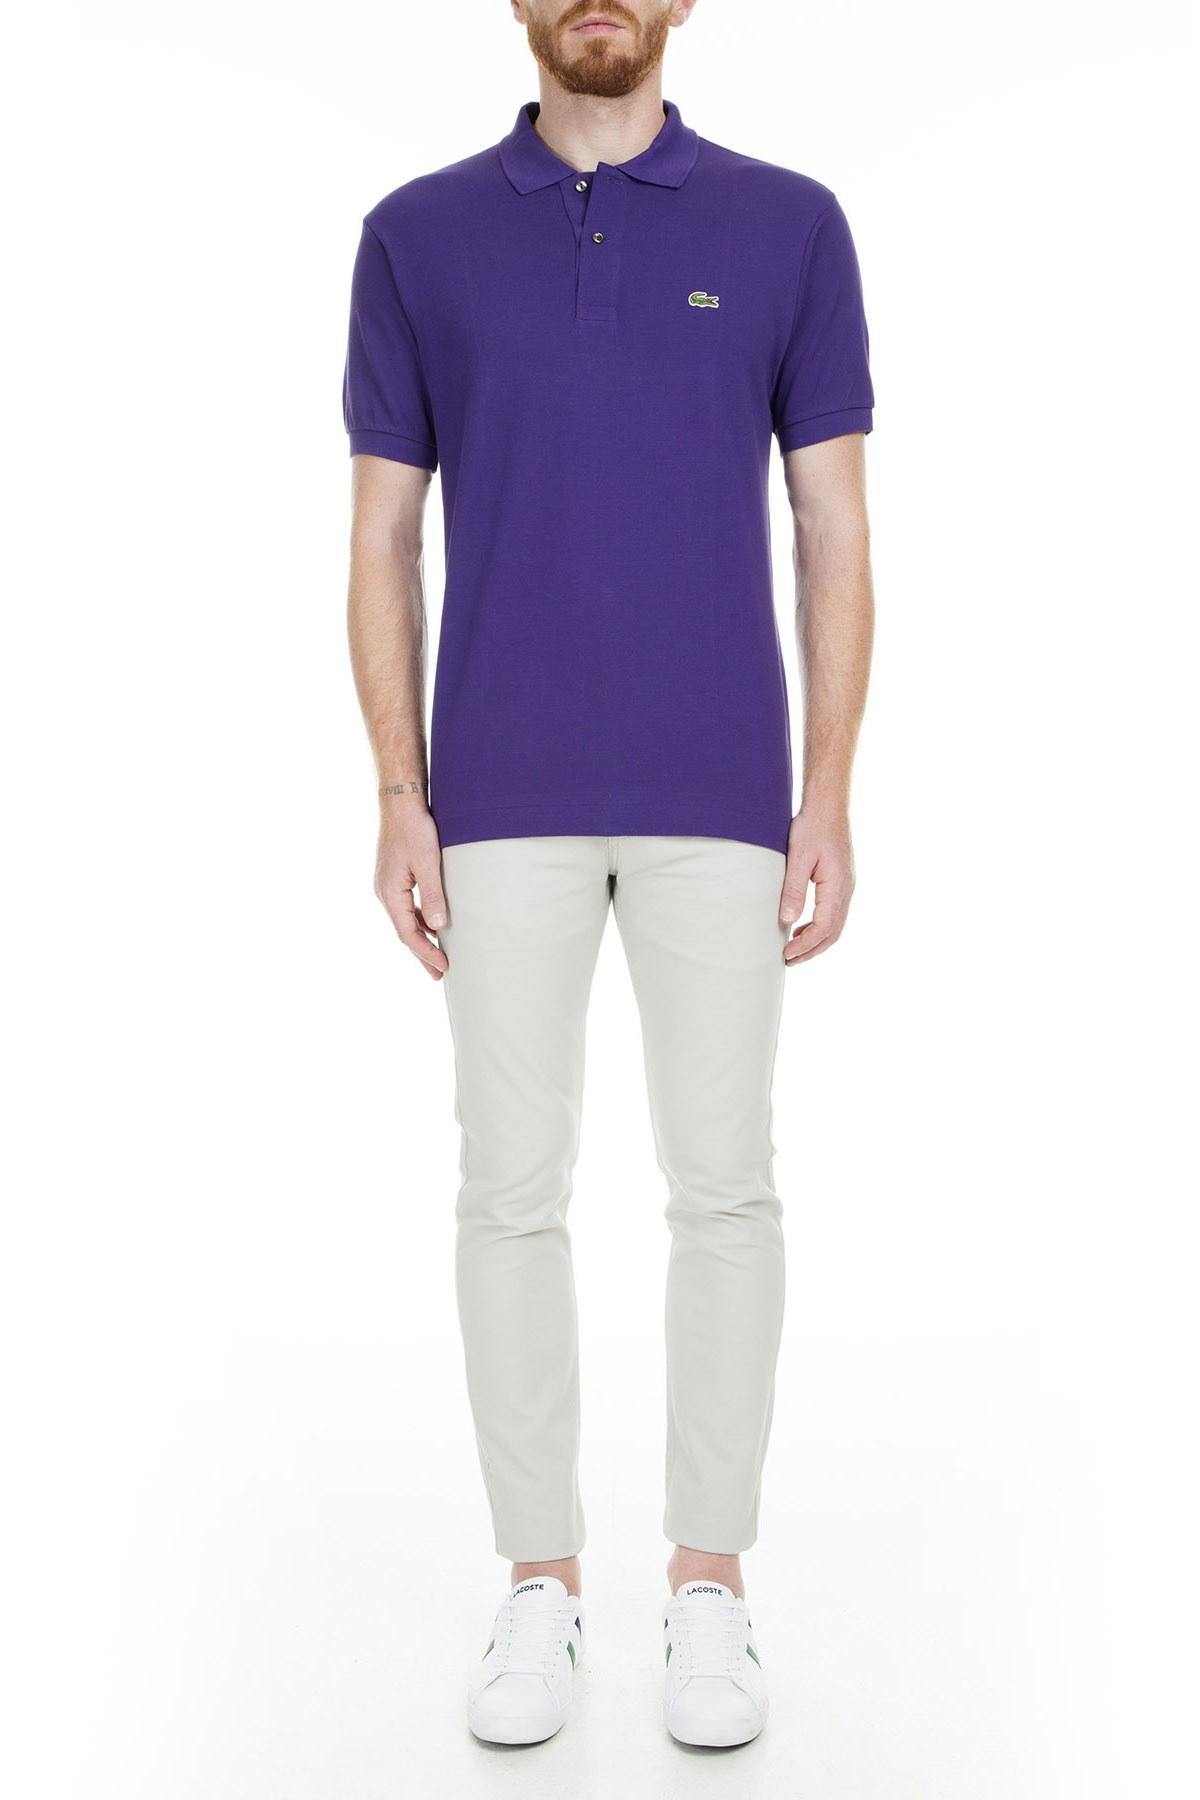 Lacoste Polo Erkek T Shirt L1212 PFN MOR